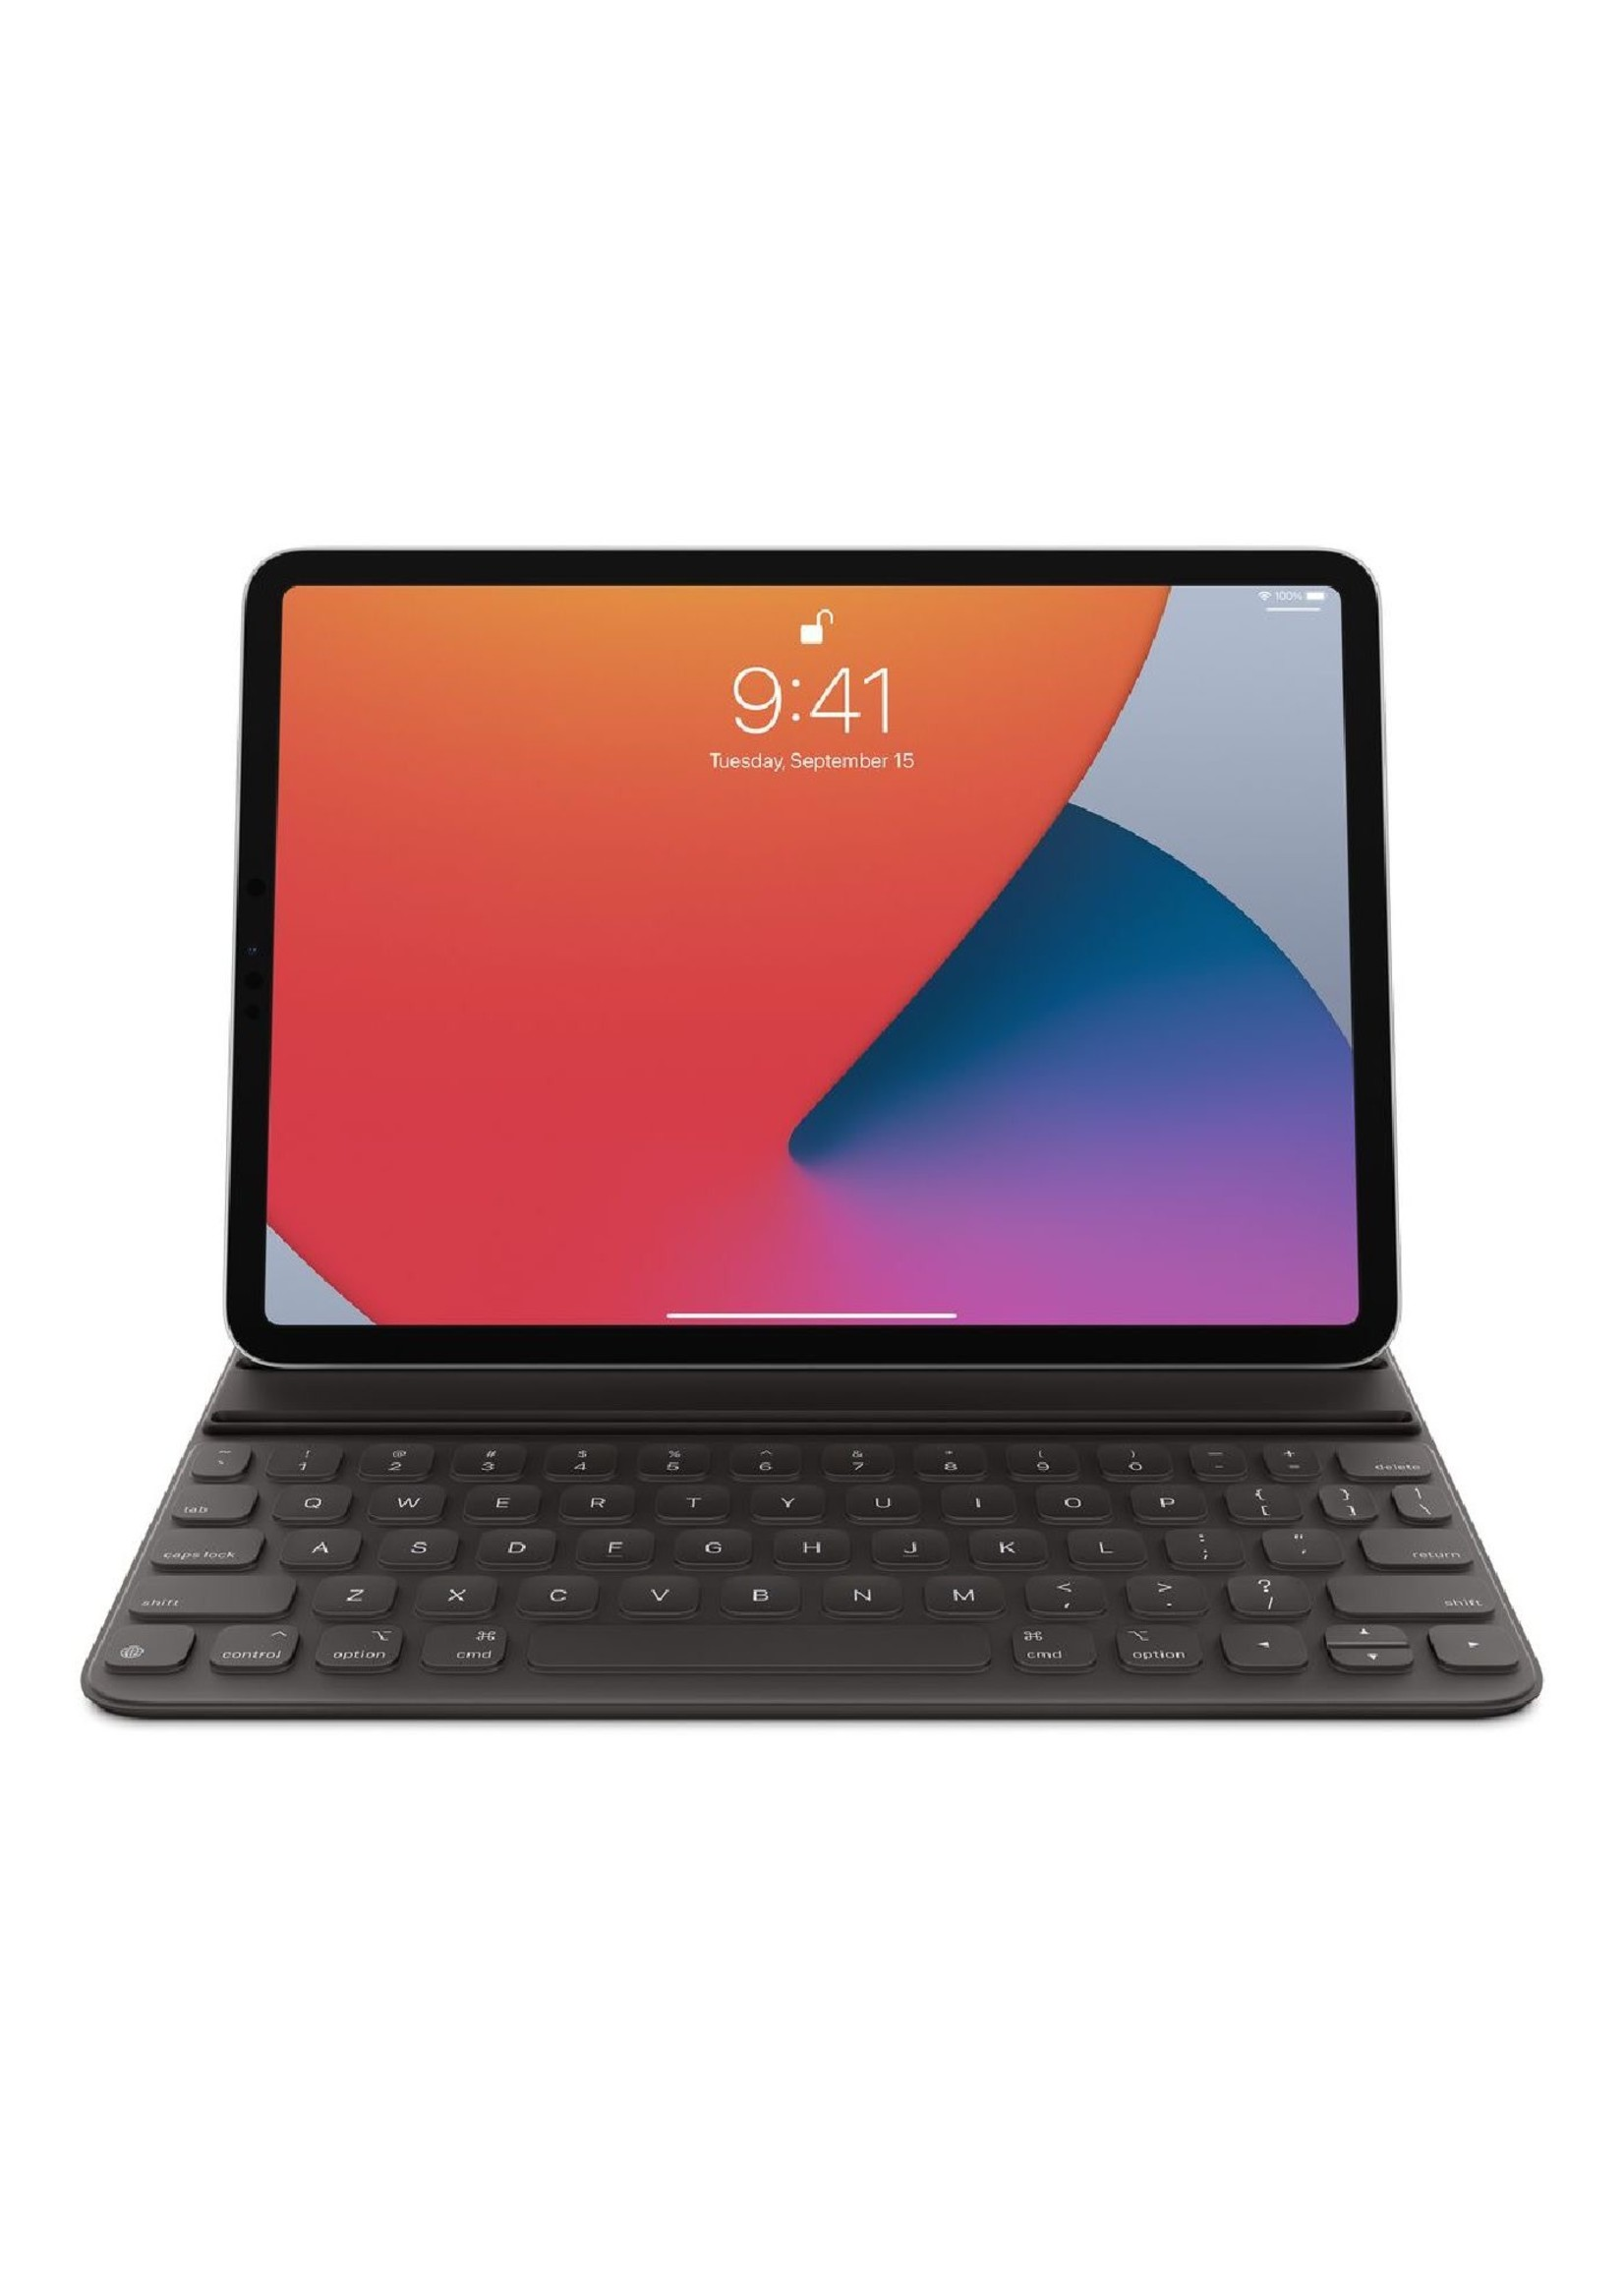 Apple iPad Pro 11-inch and iPad Air Smart Keyboard Folio